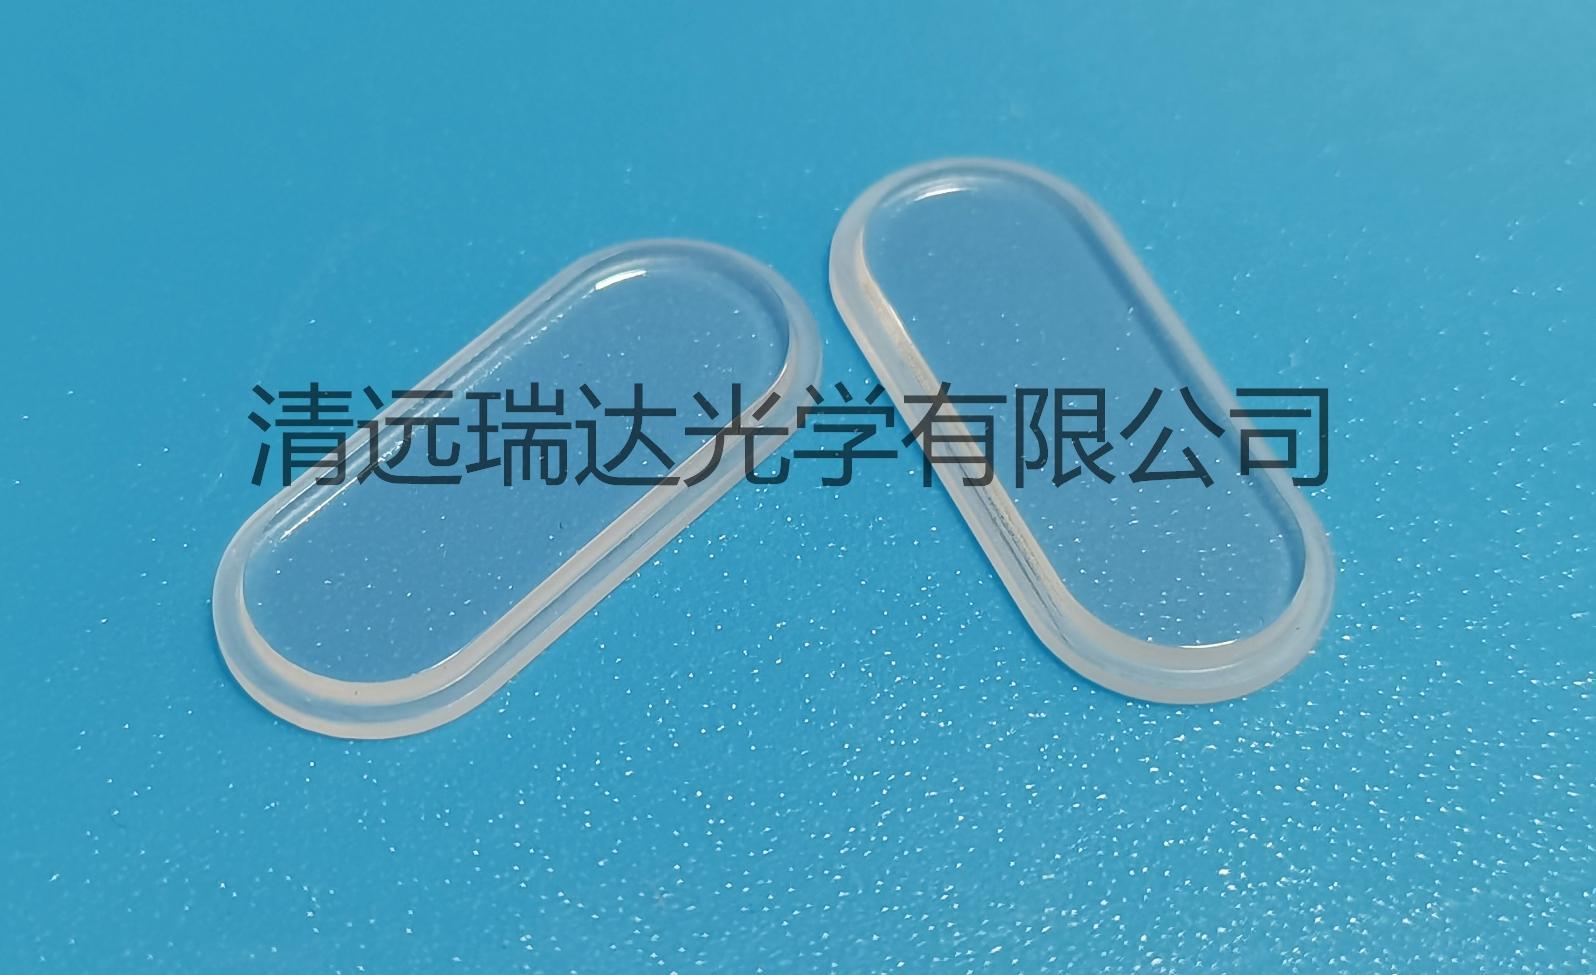 蓝宝石镀膜单双卜智能手表玻璃盖 4